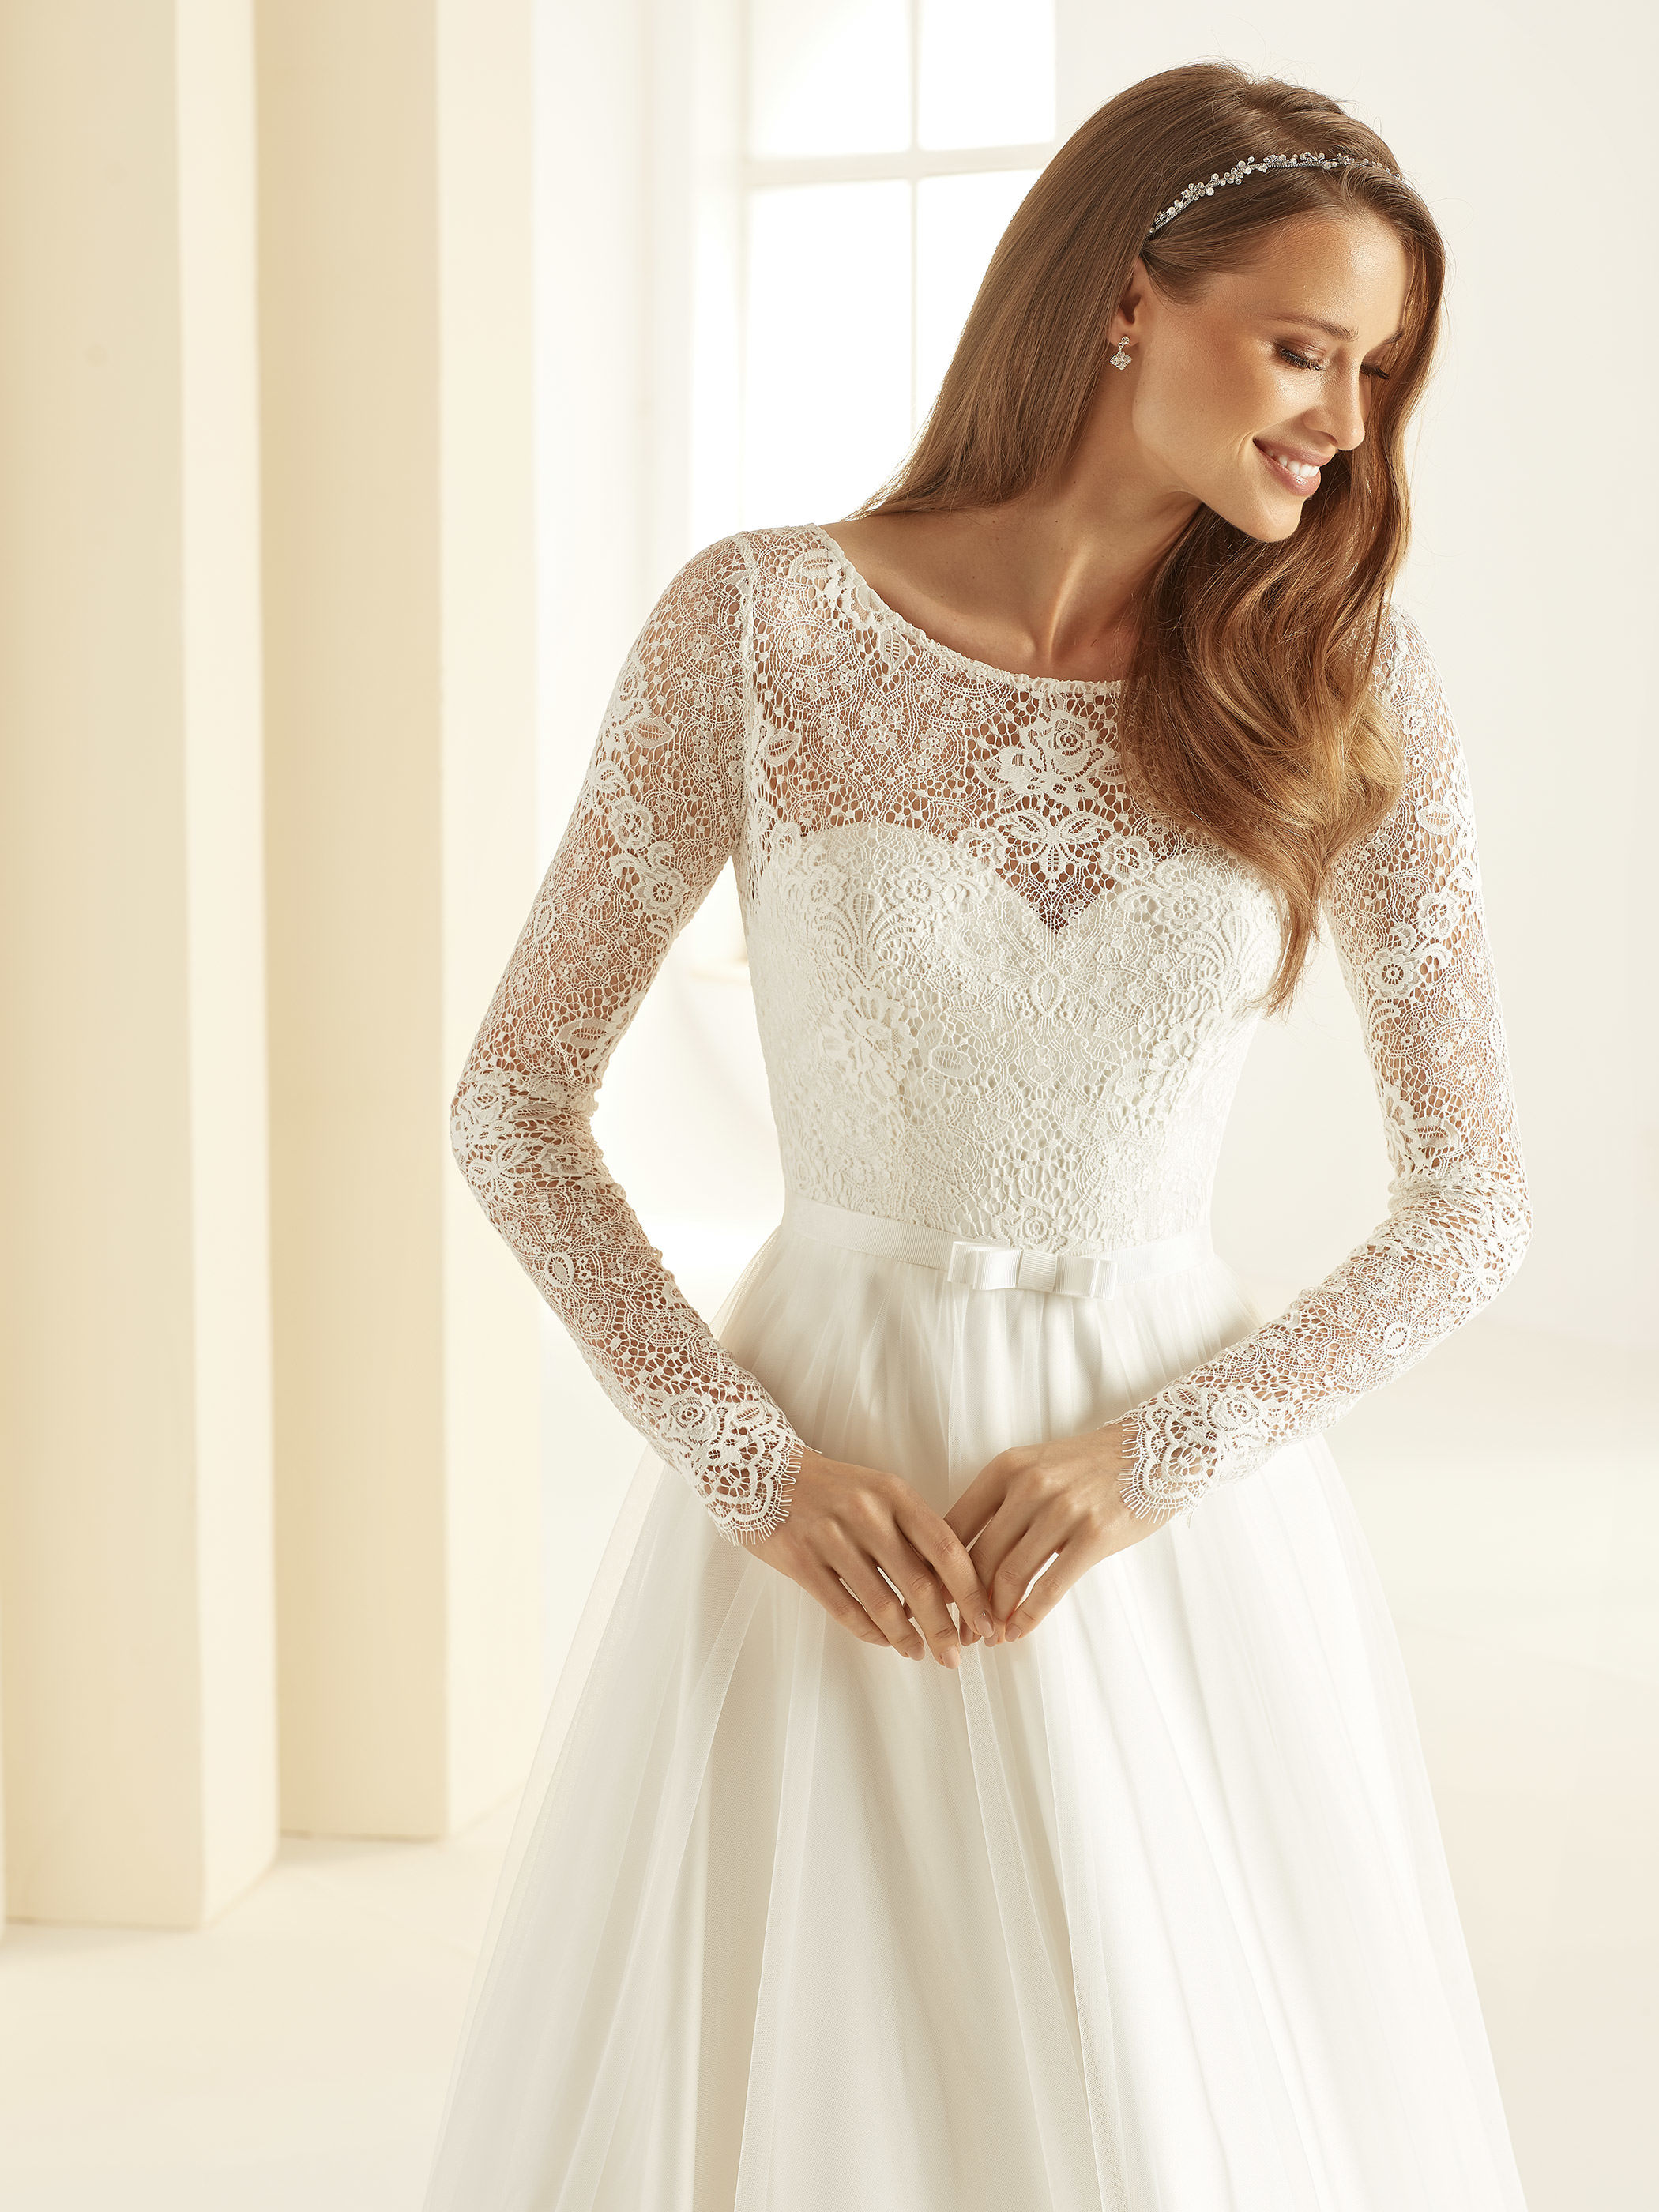 bianco-evento-bridal-dress-daniela-_2__1